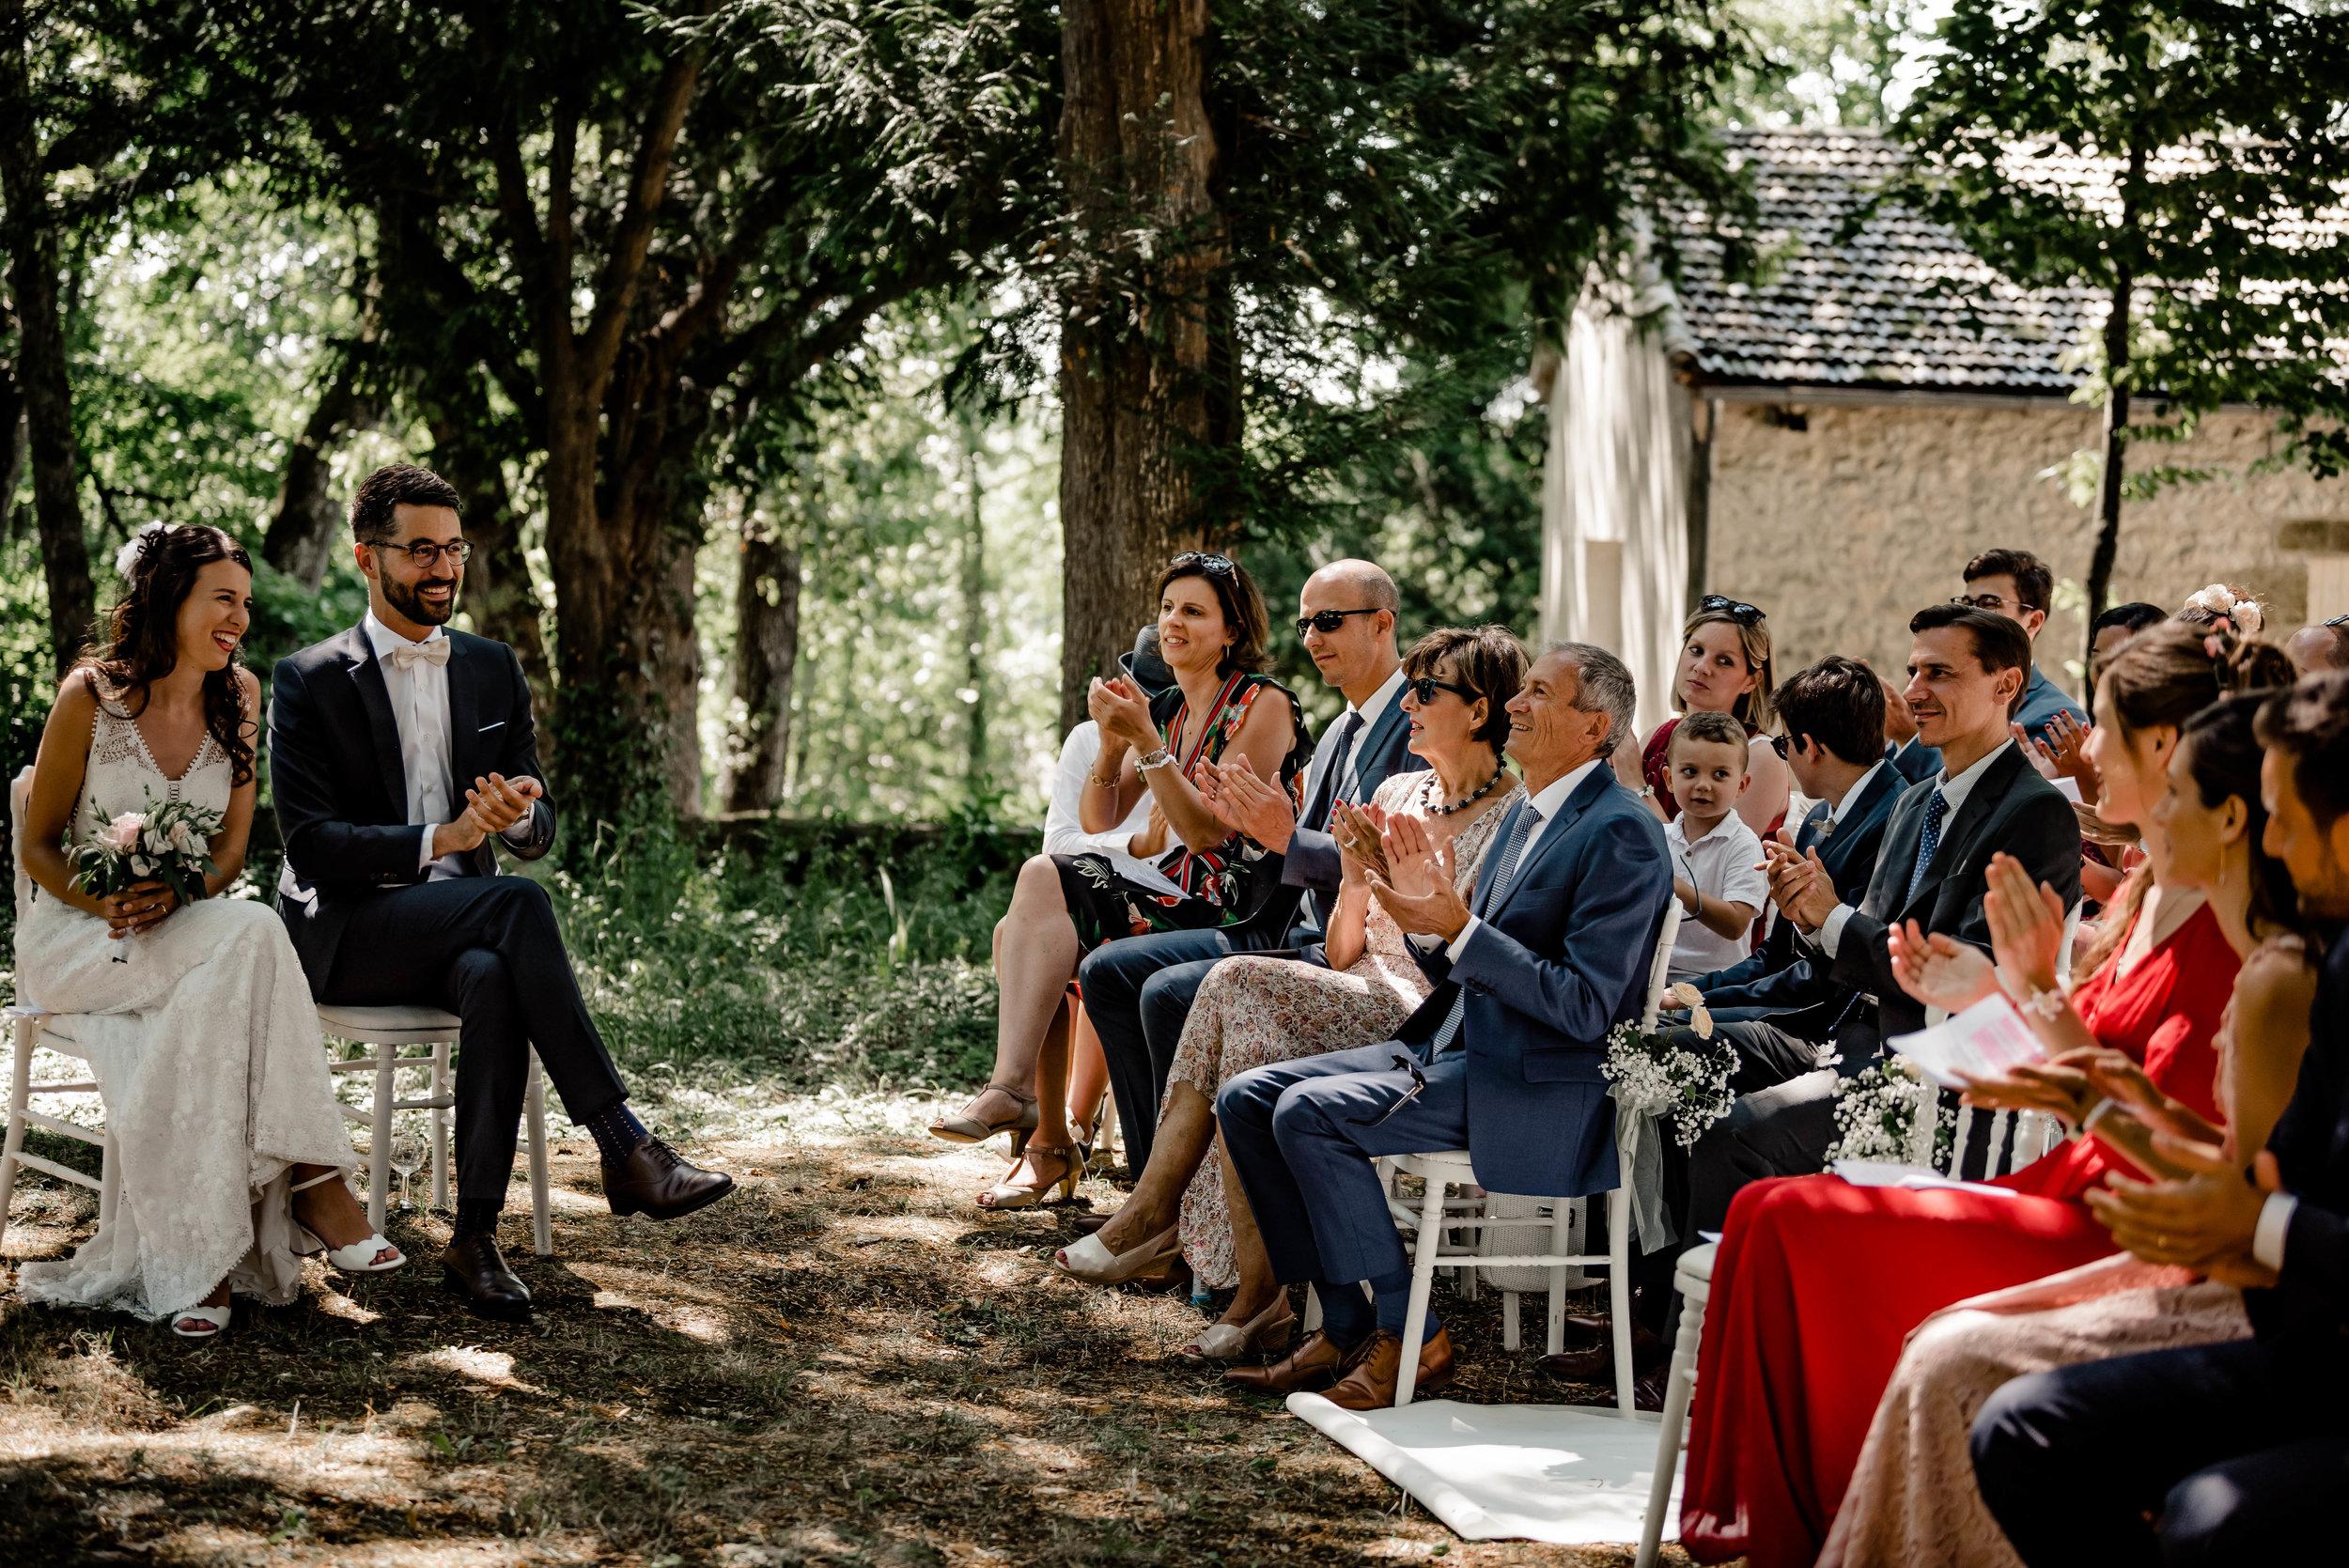 Arte da Luz wedding photography Chateau Ladausse